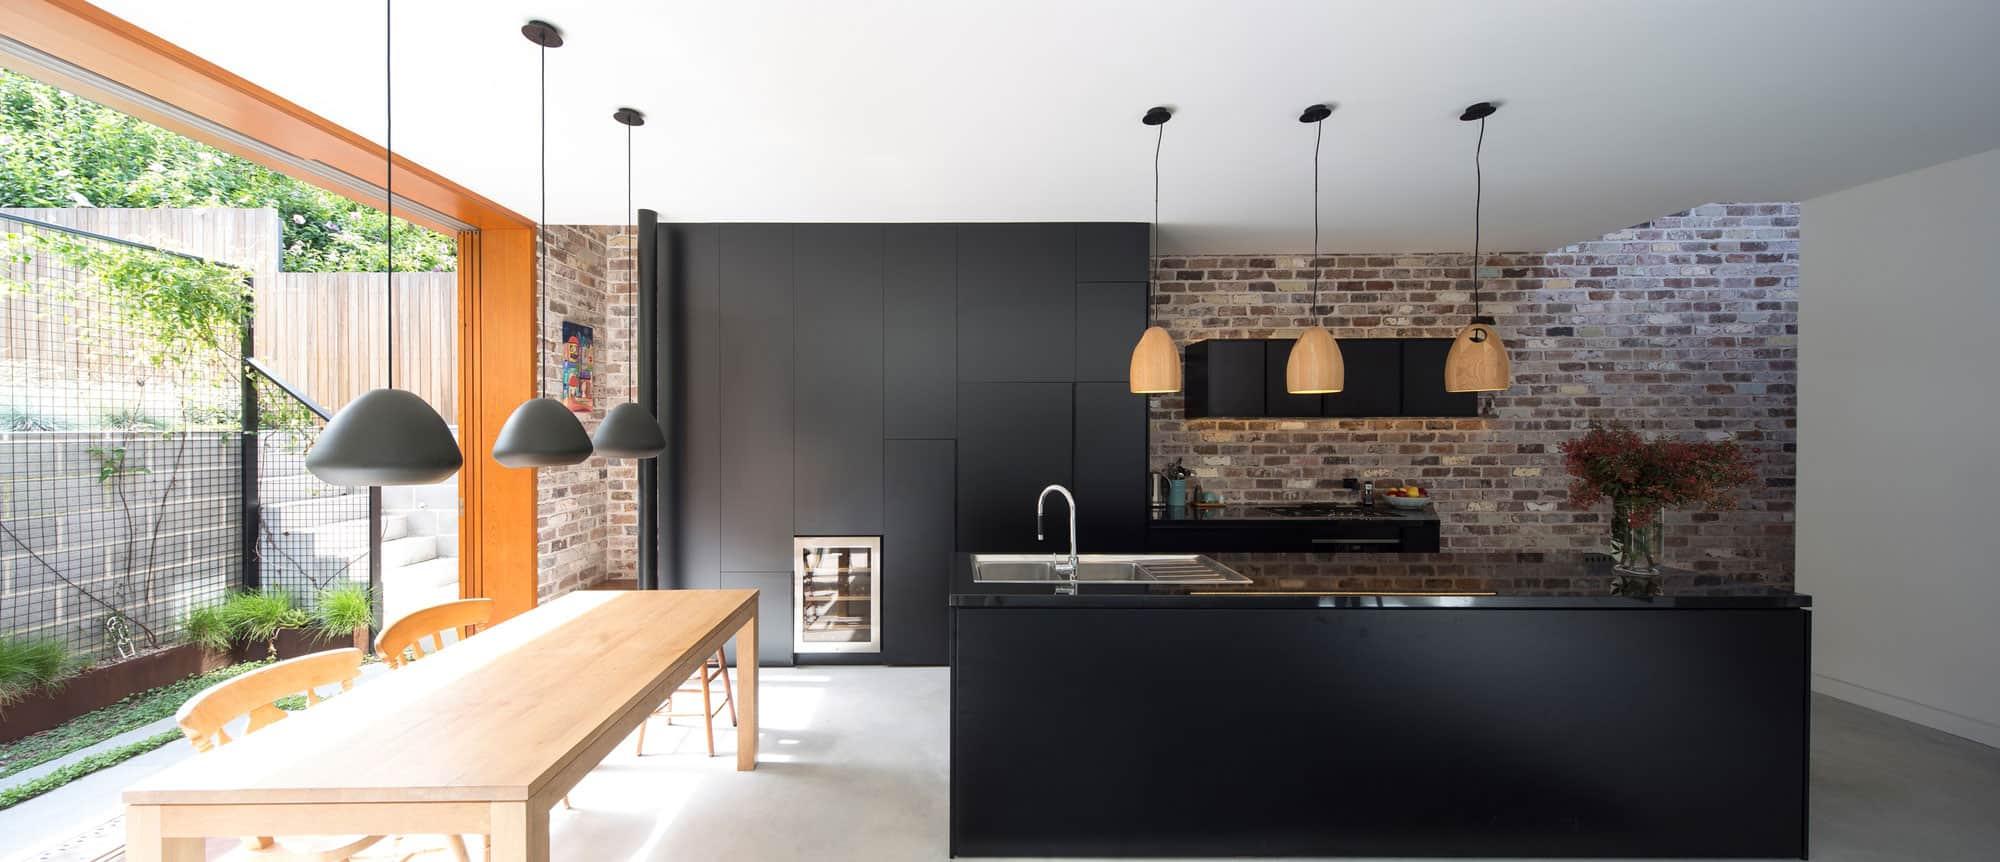 Carterwilliamson architects design a cozy contemporary home in north shore